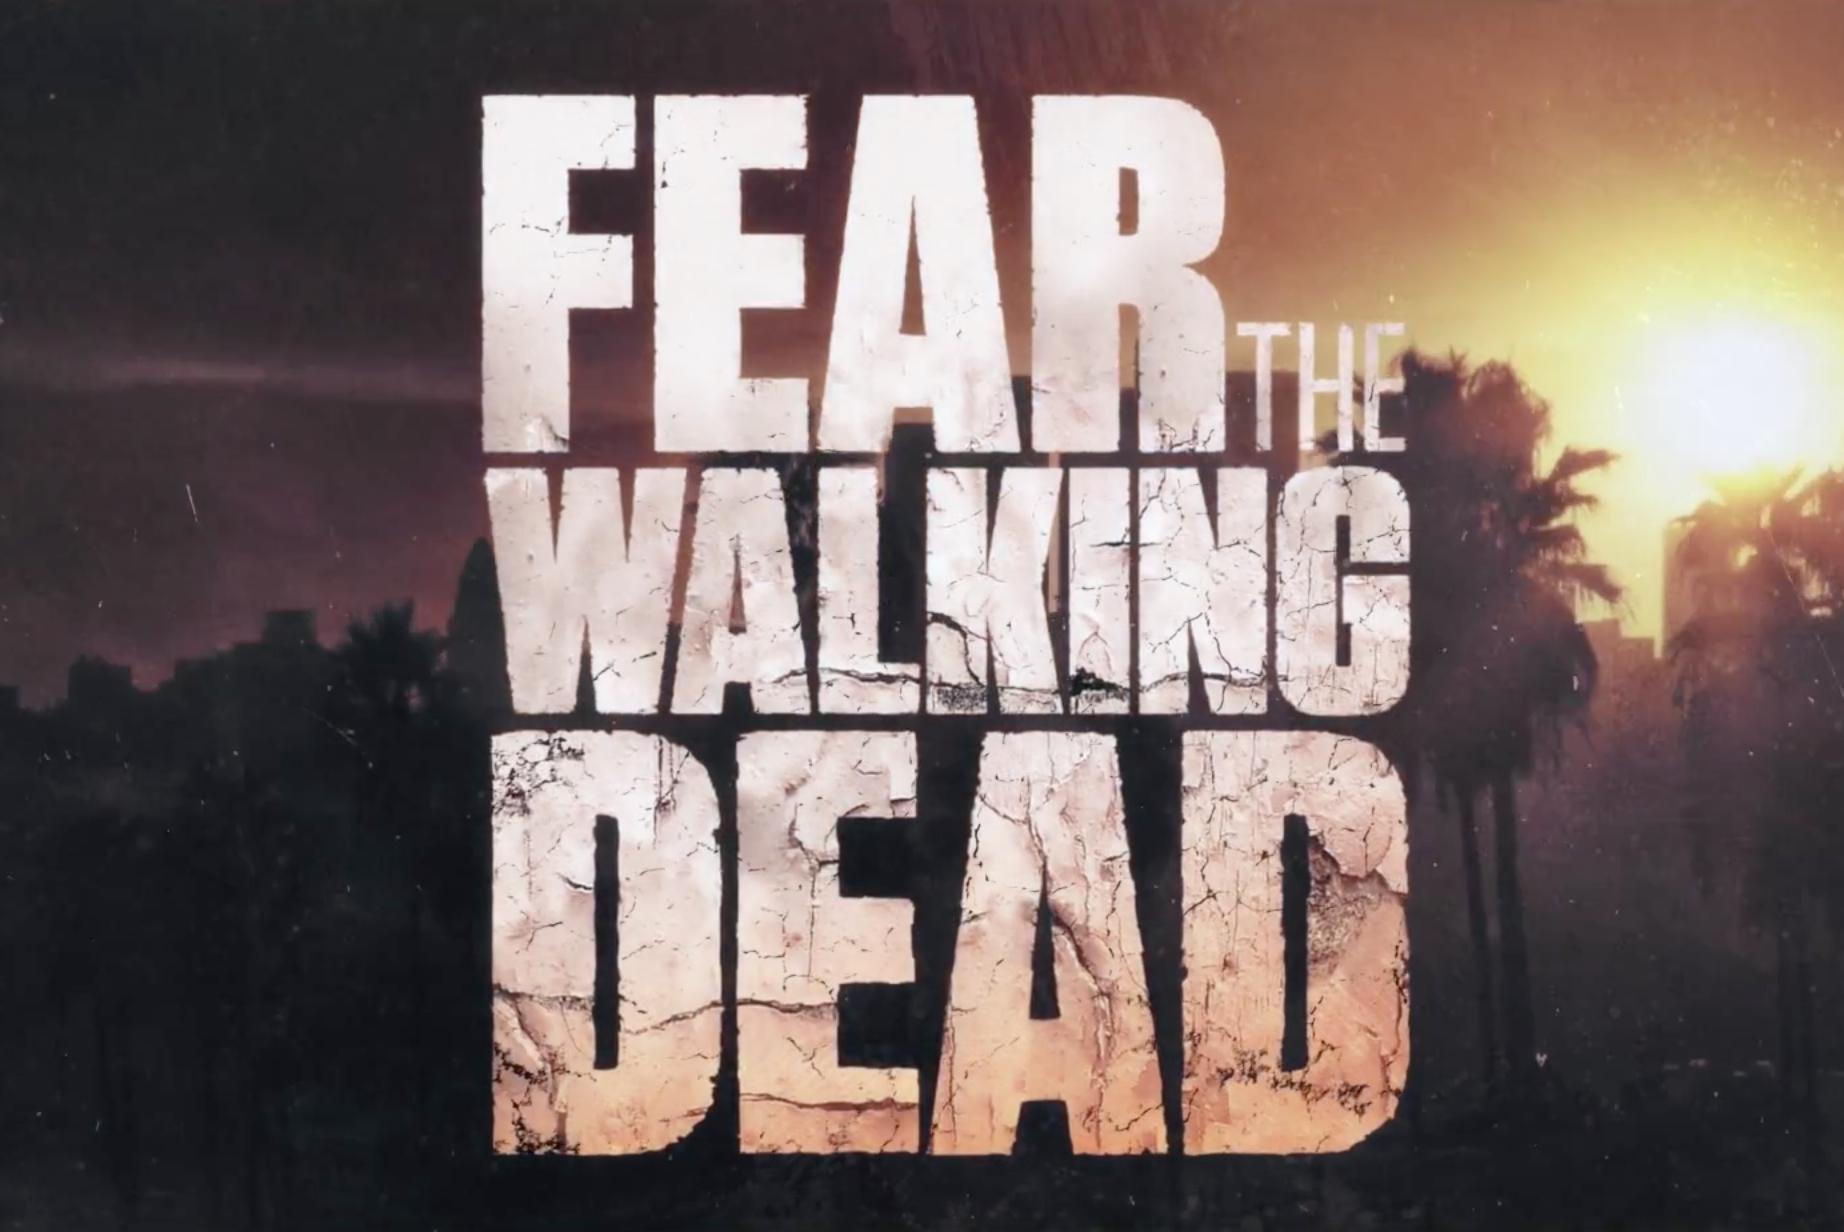 tv show fear the walking dead wallpapers (desktop, phone, tablet